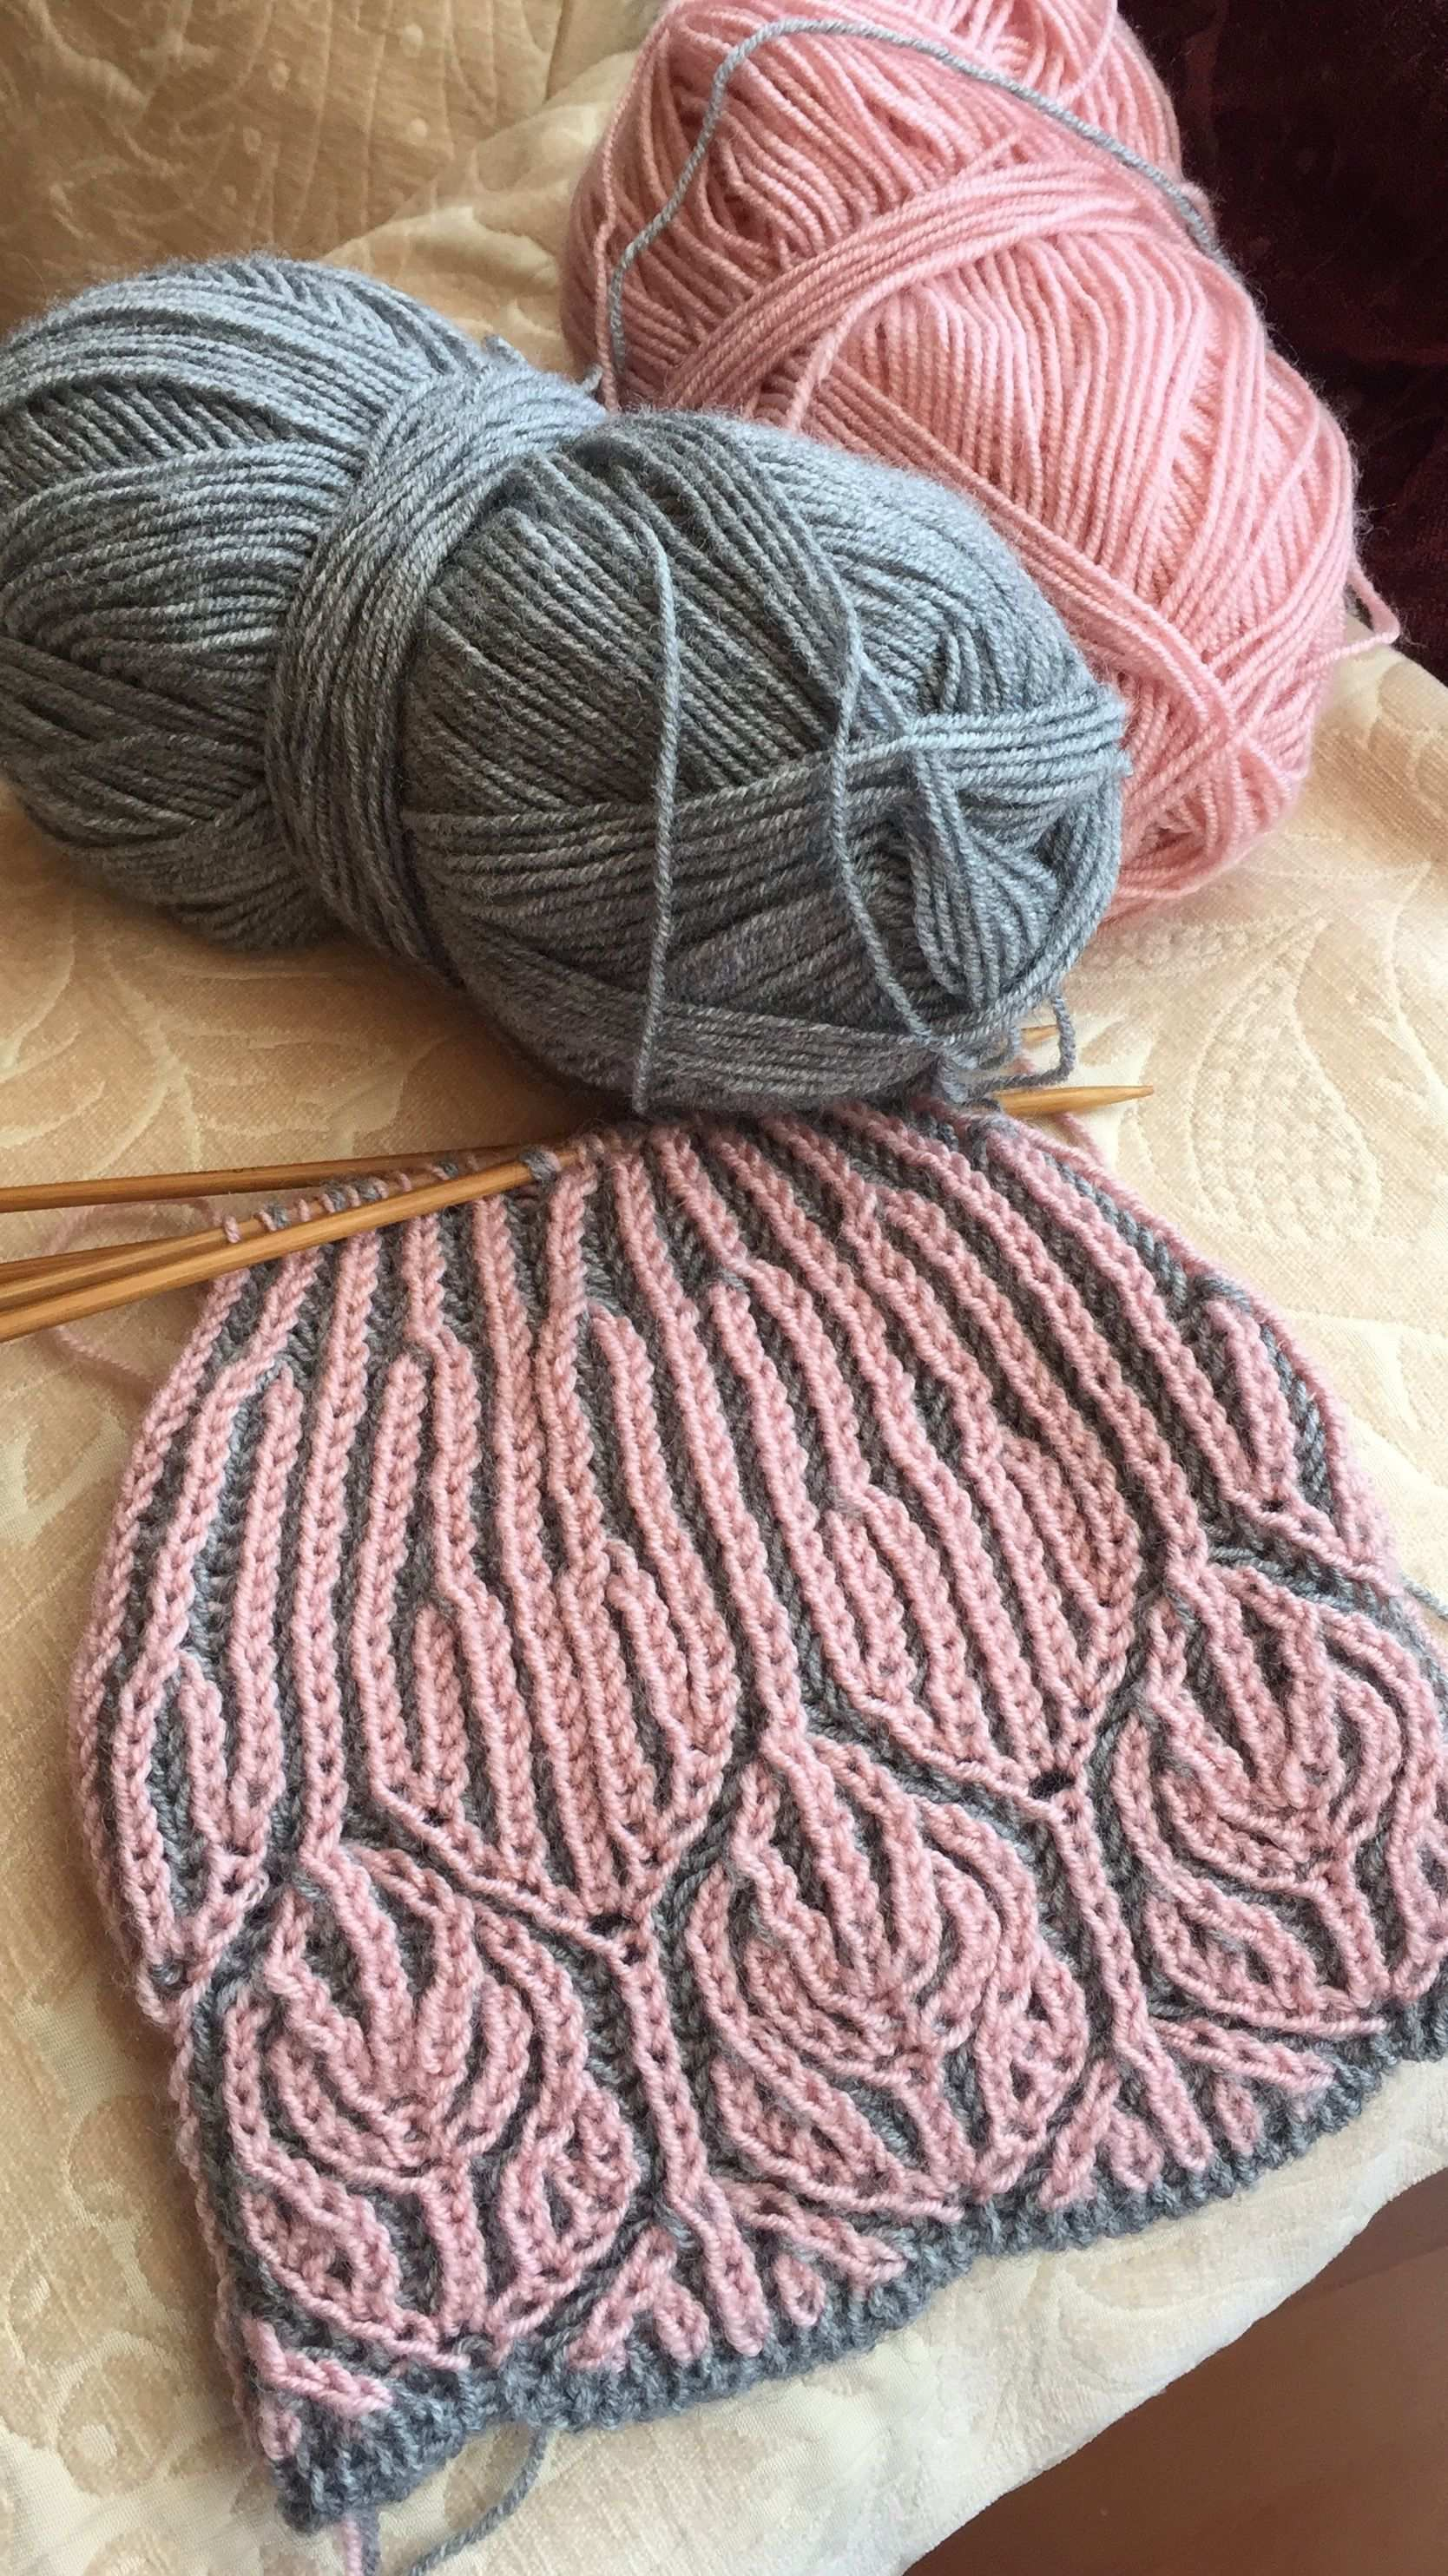 Pink Grey Brioche Knitting Ausser Fur Eine Farbkombinationsidee Welcome To Blog In 2020 Mutze Stricken Stricken Und Hakeln Strickmuster